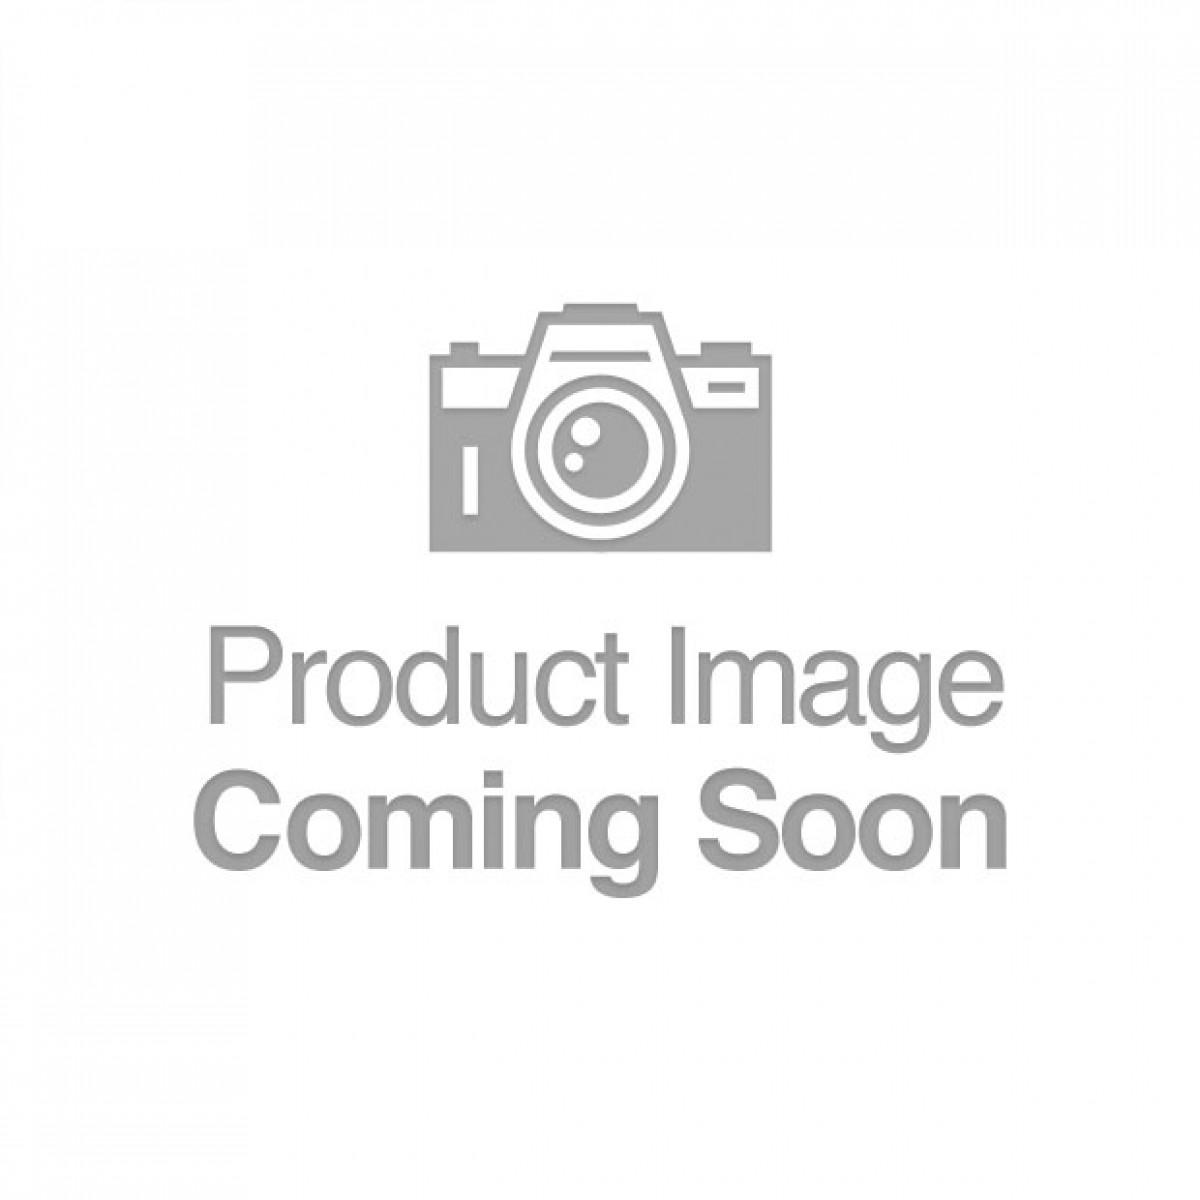 Sensuva Ultra Thick Silicone Personal Moisturizer - 5.1 oz